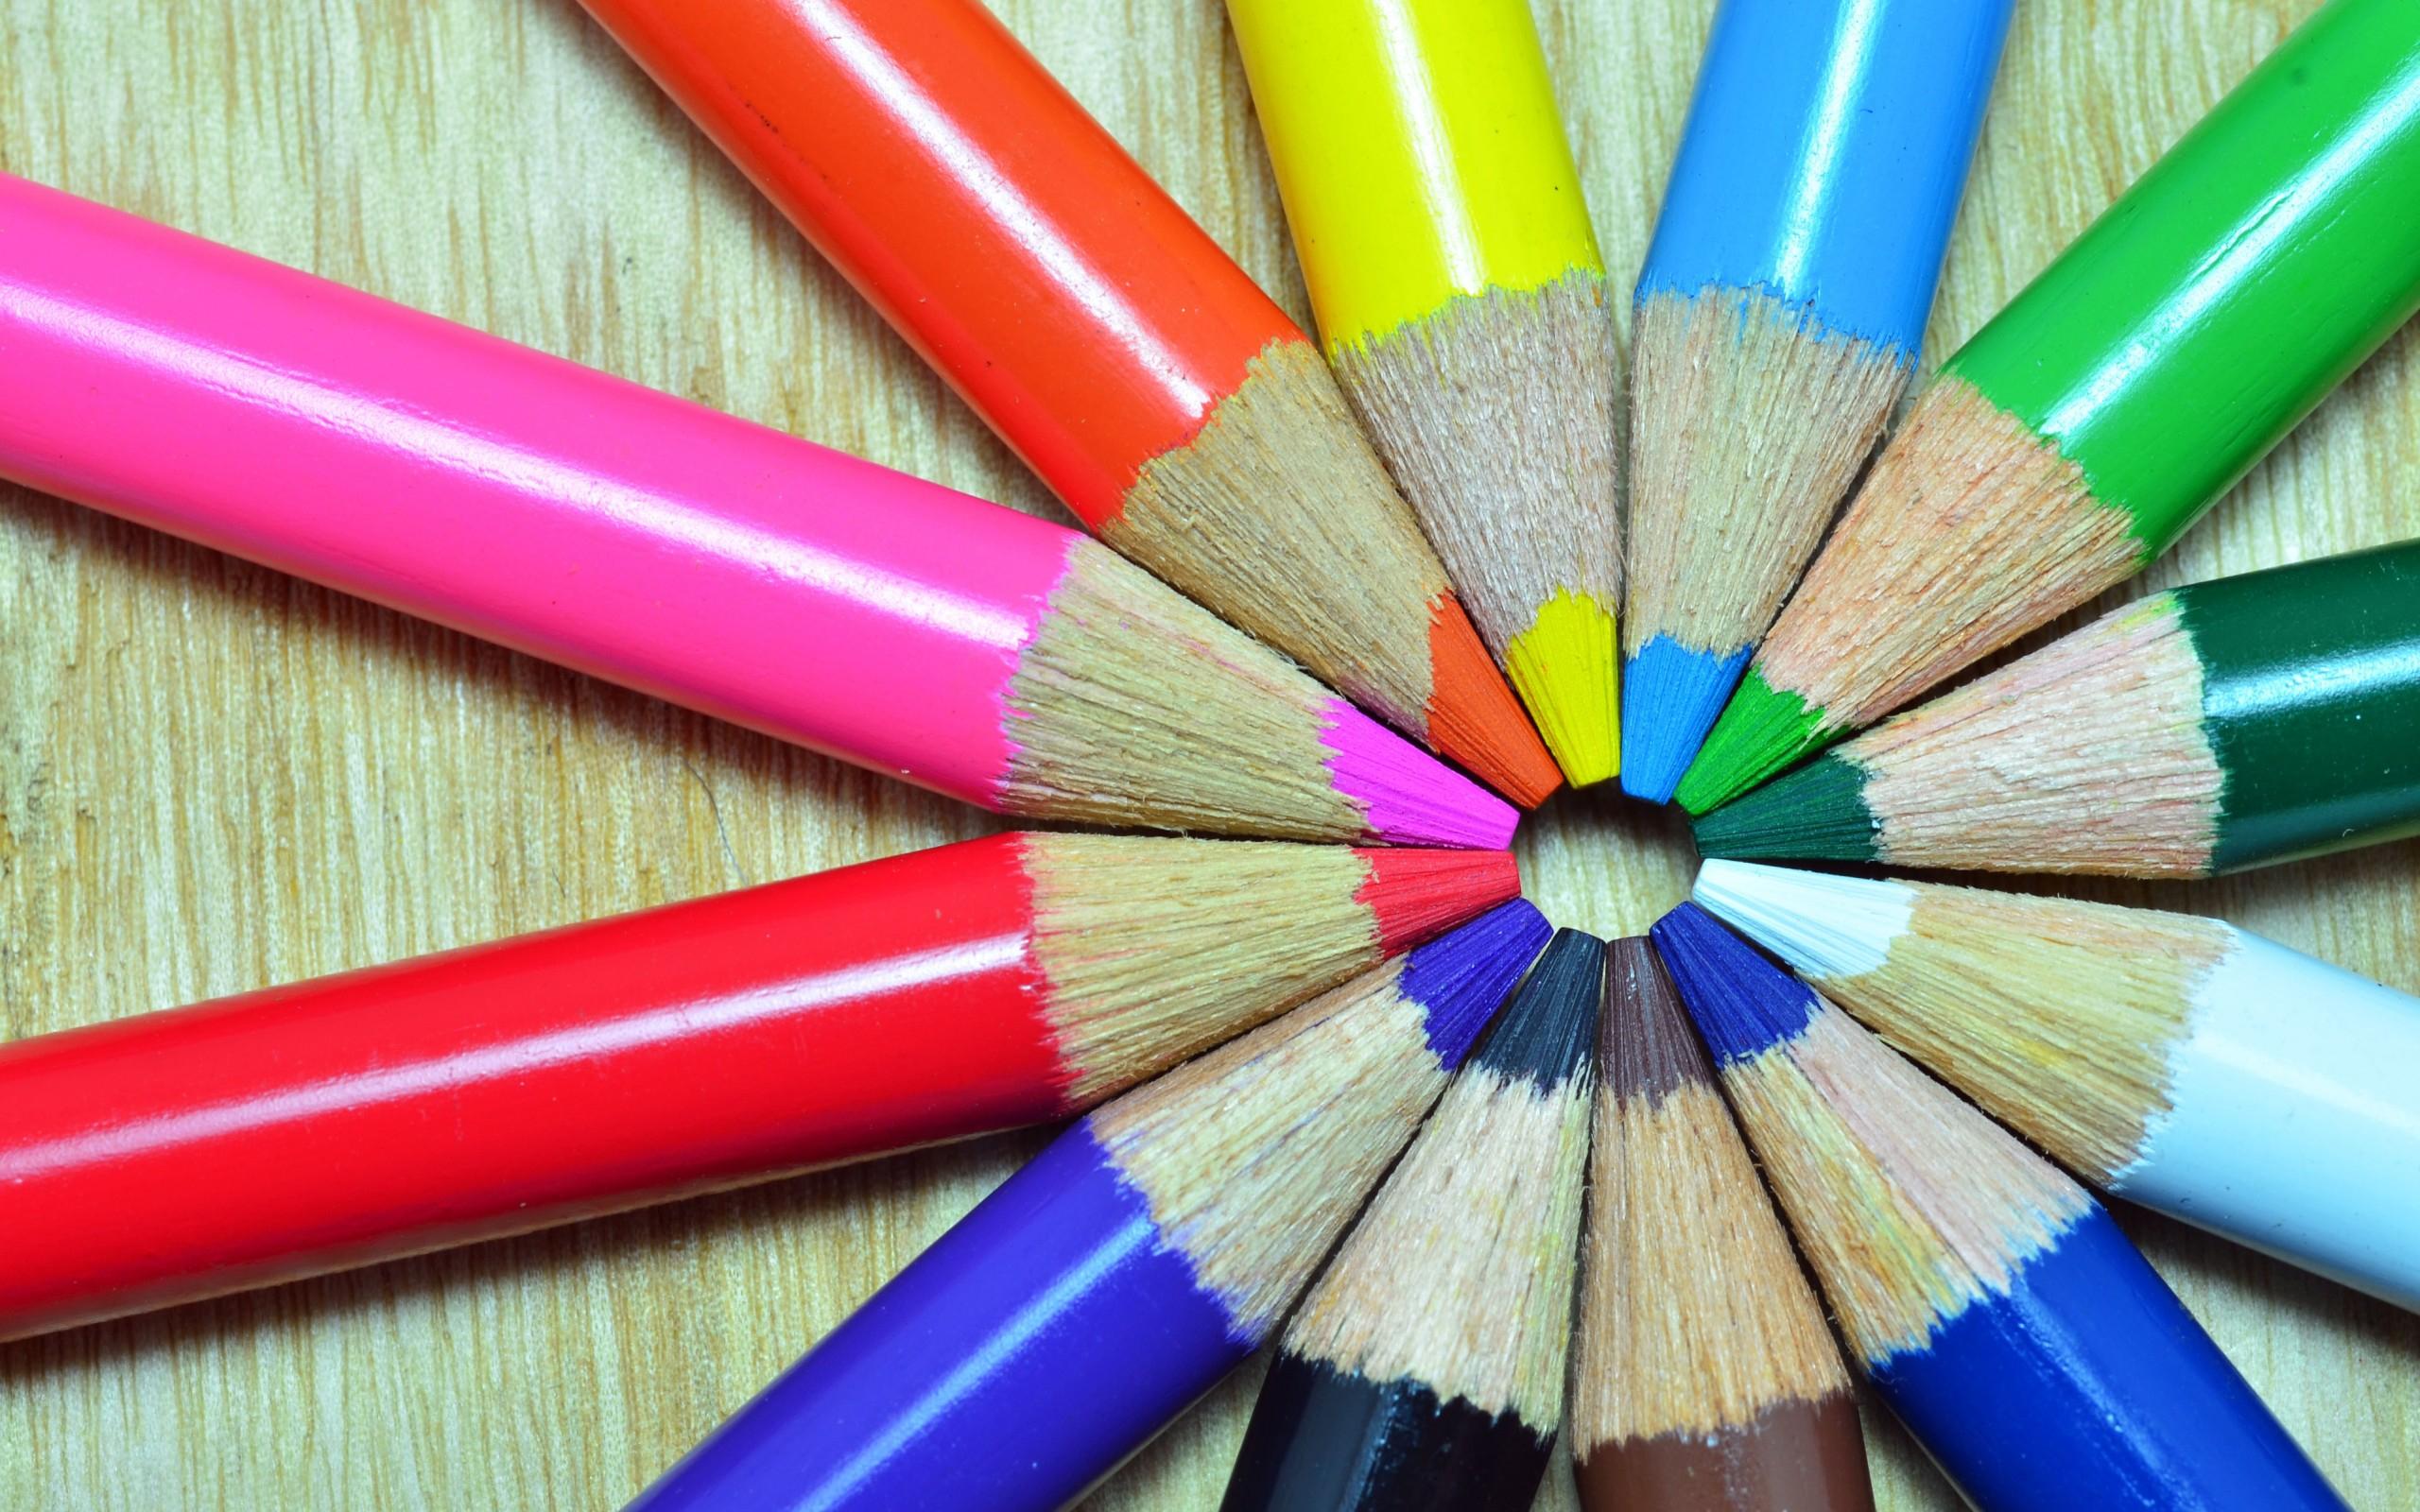 цветные карандаши крупный план color pencils large plan загрузить